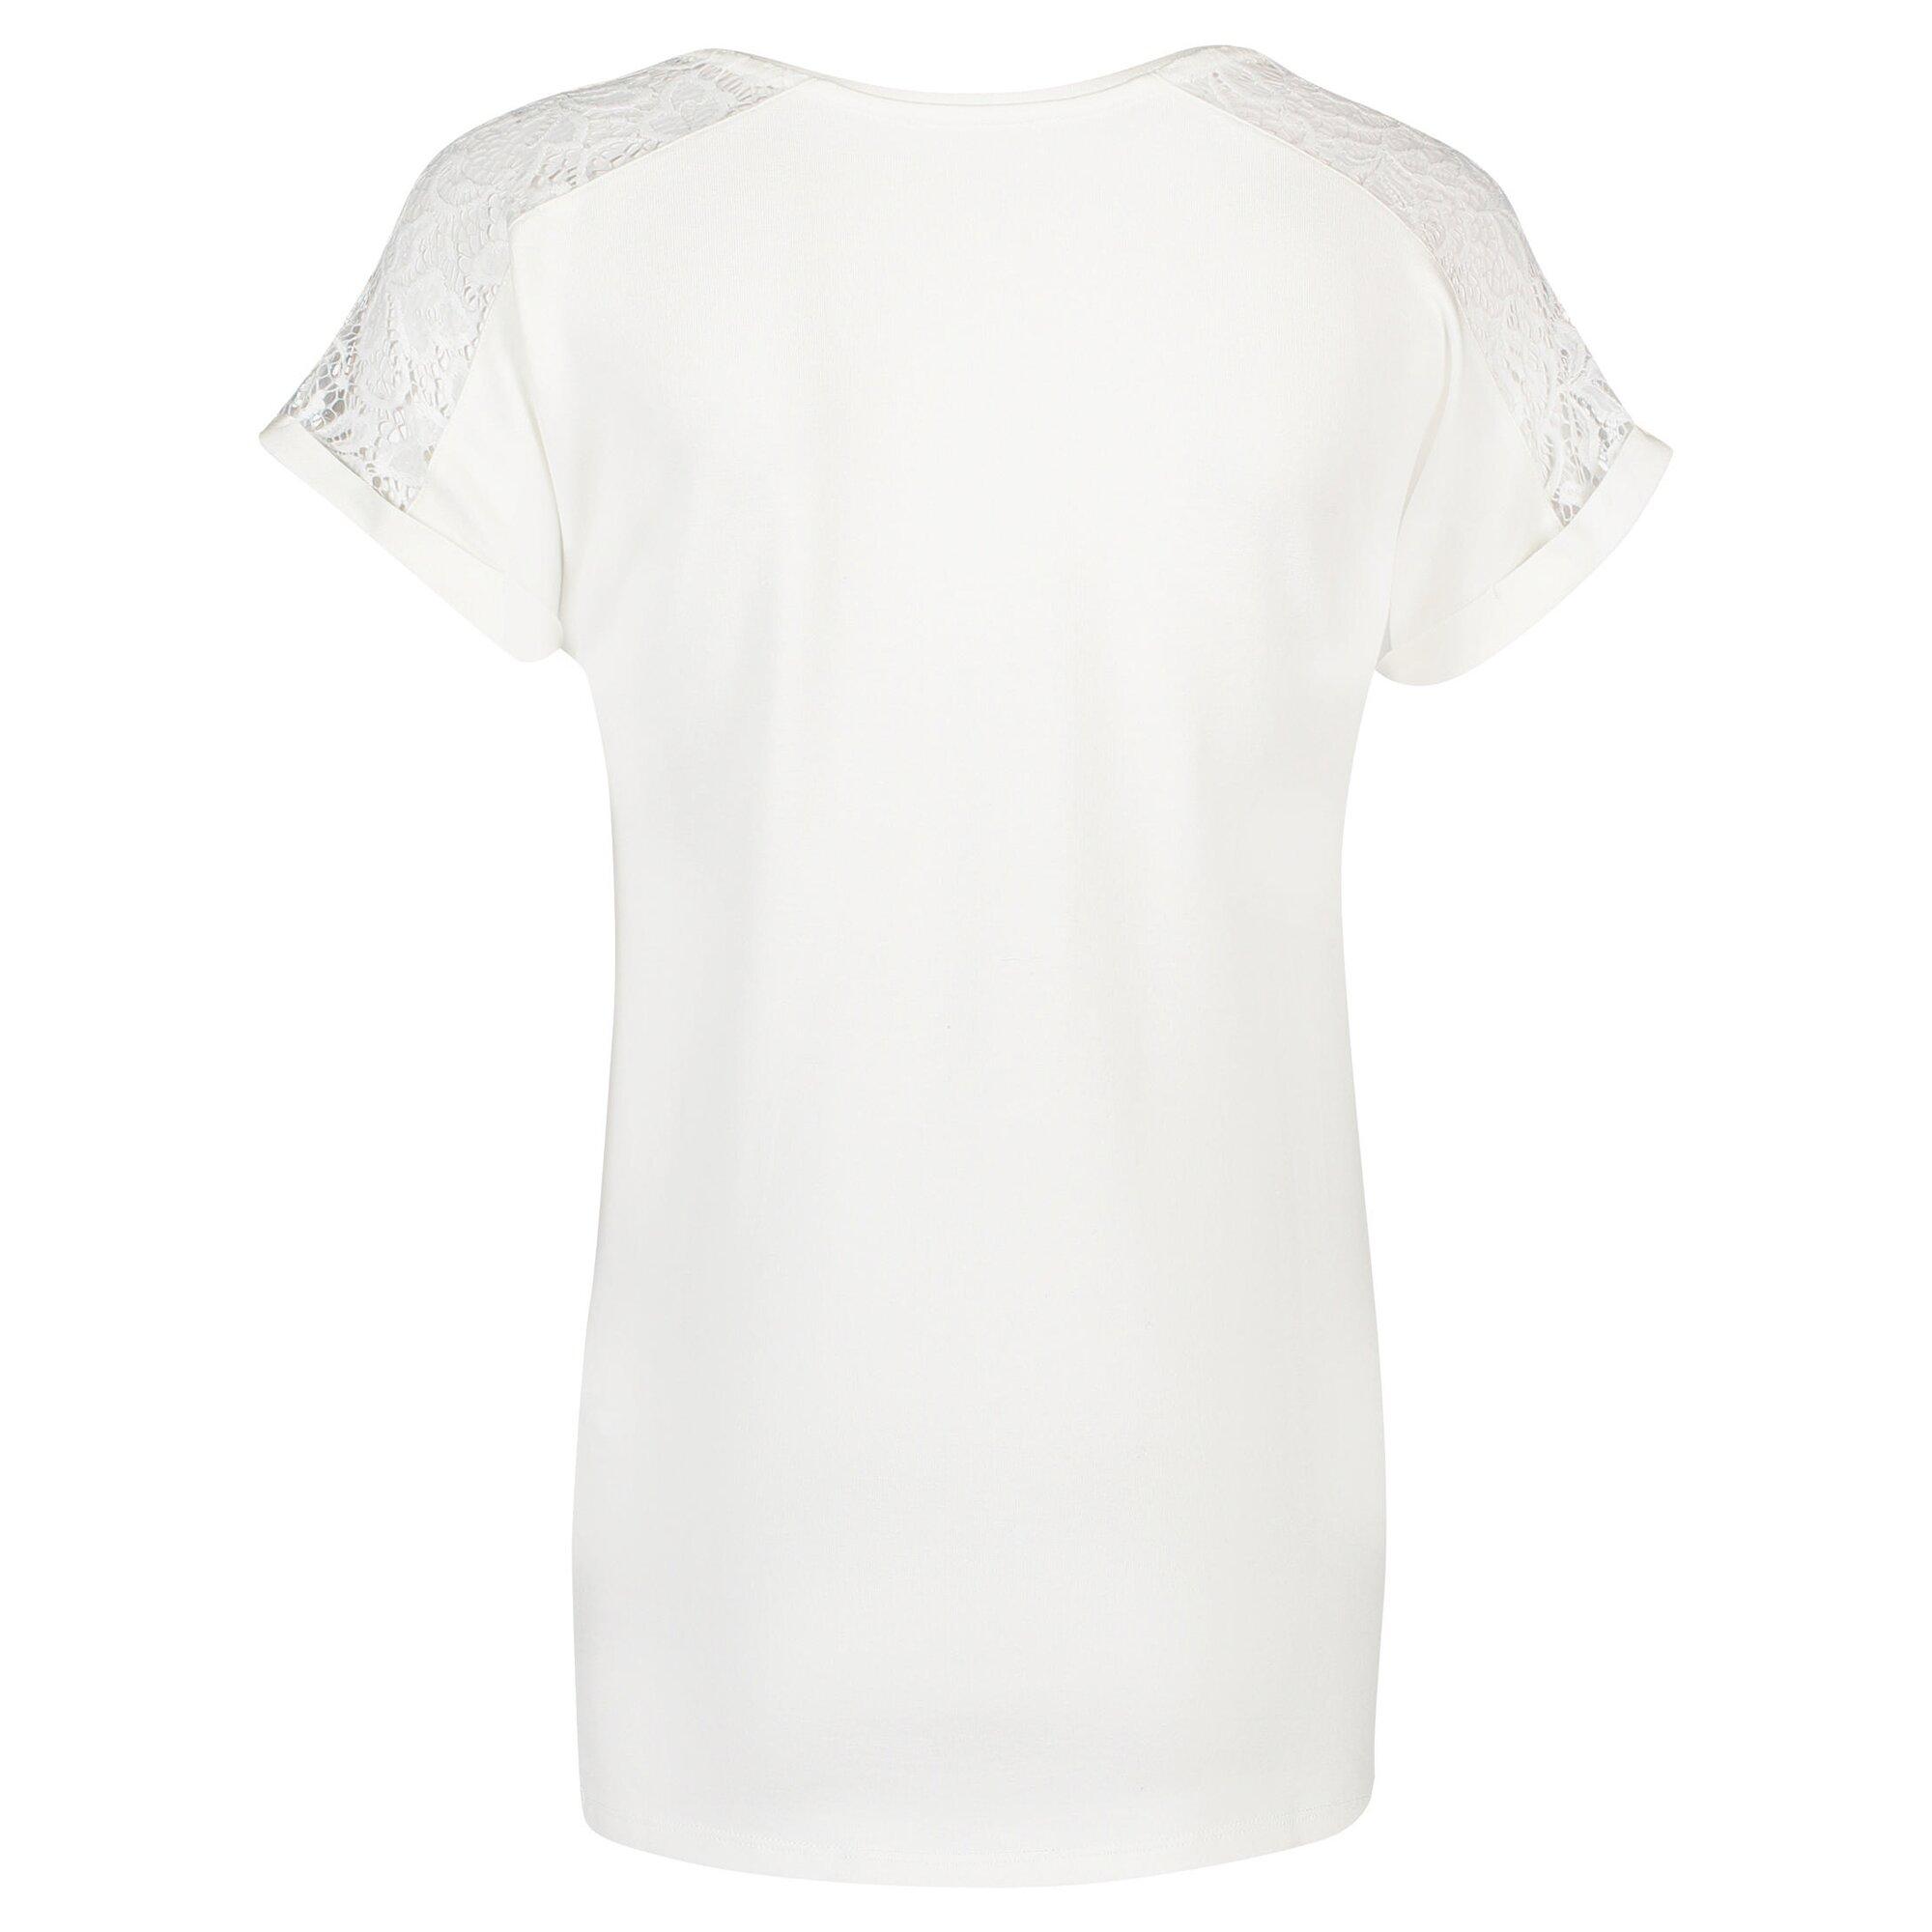 queen-mum-t-shirt-jersey